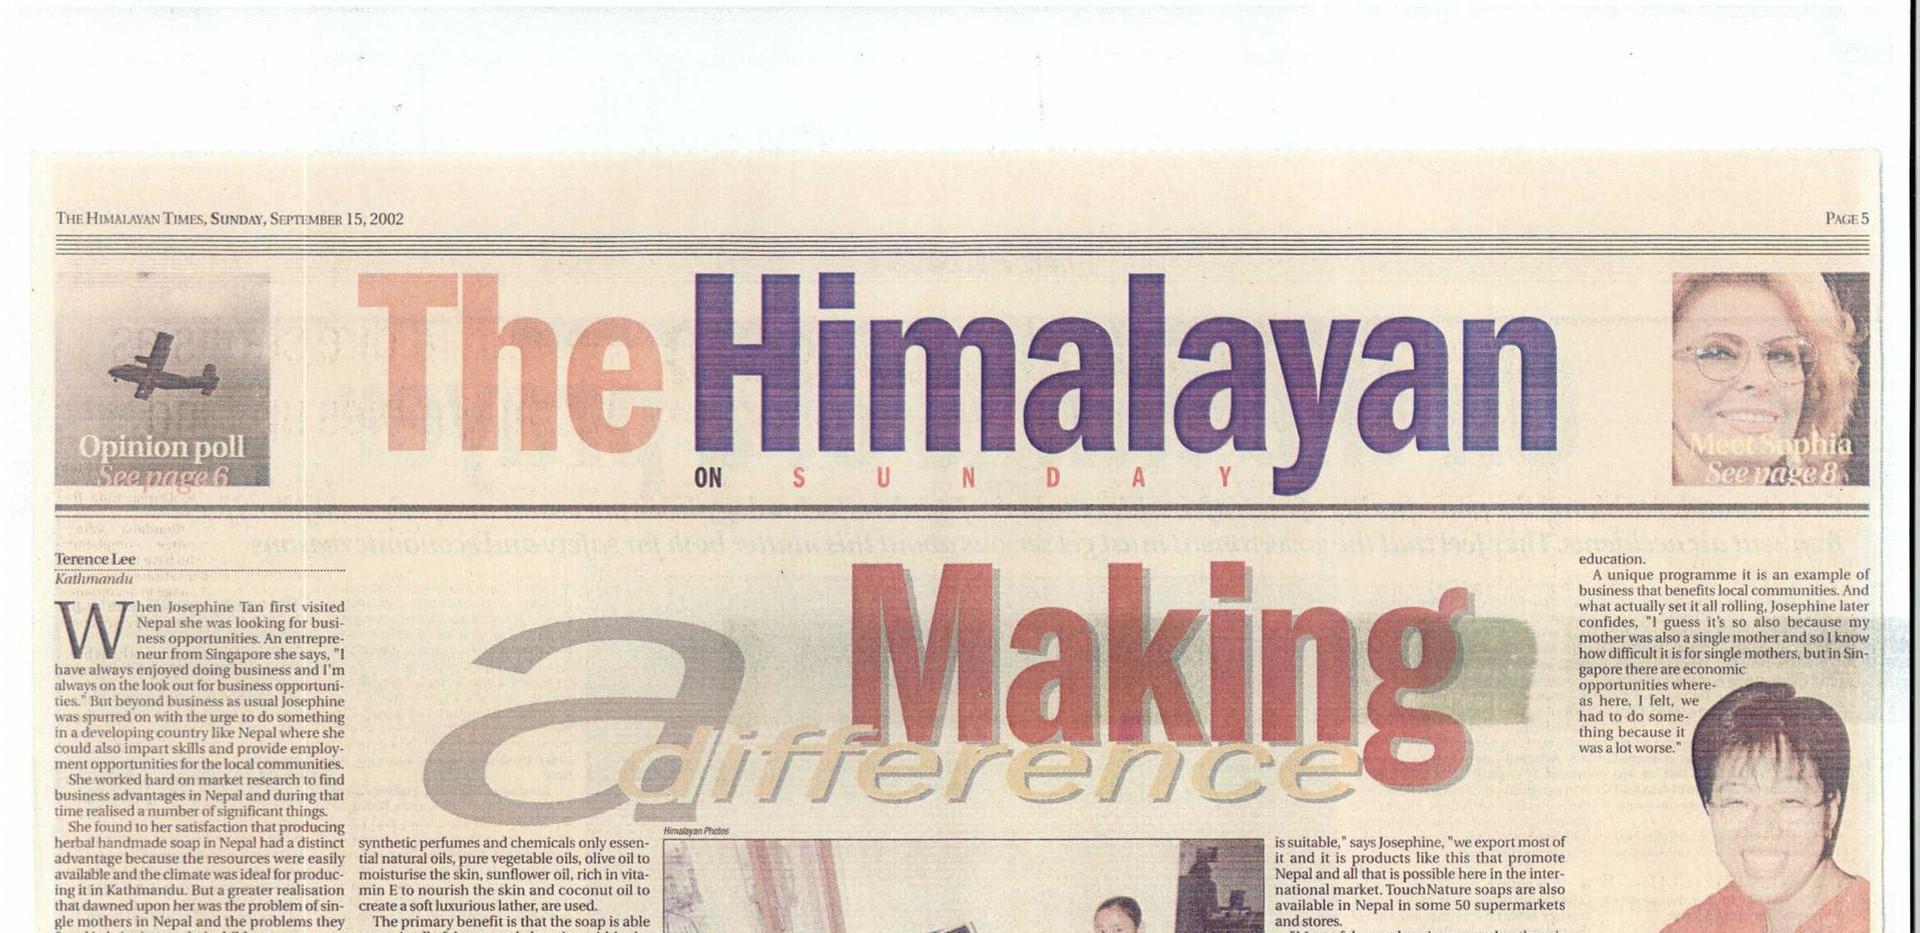 The Himalayan Times, Sunday, September 15, 2002